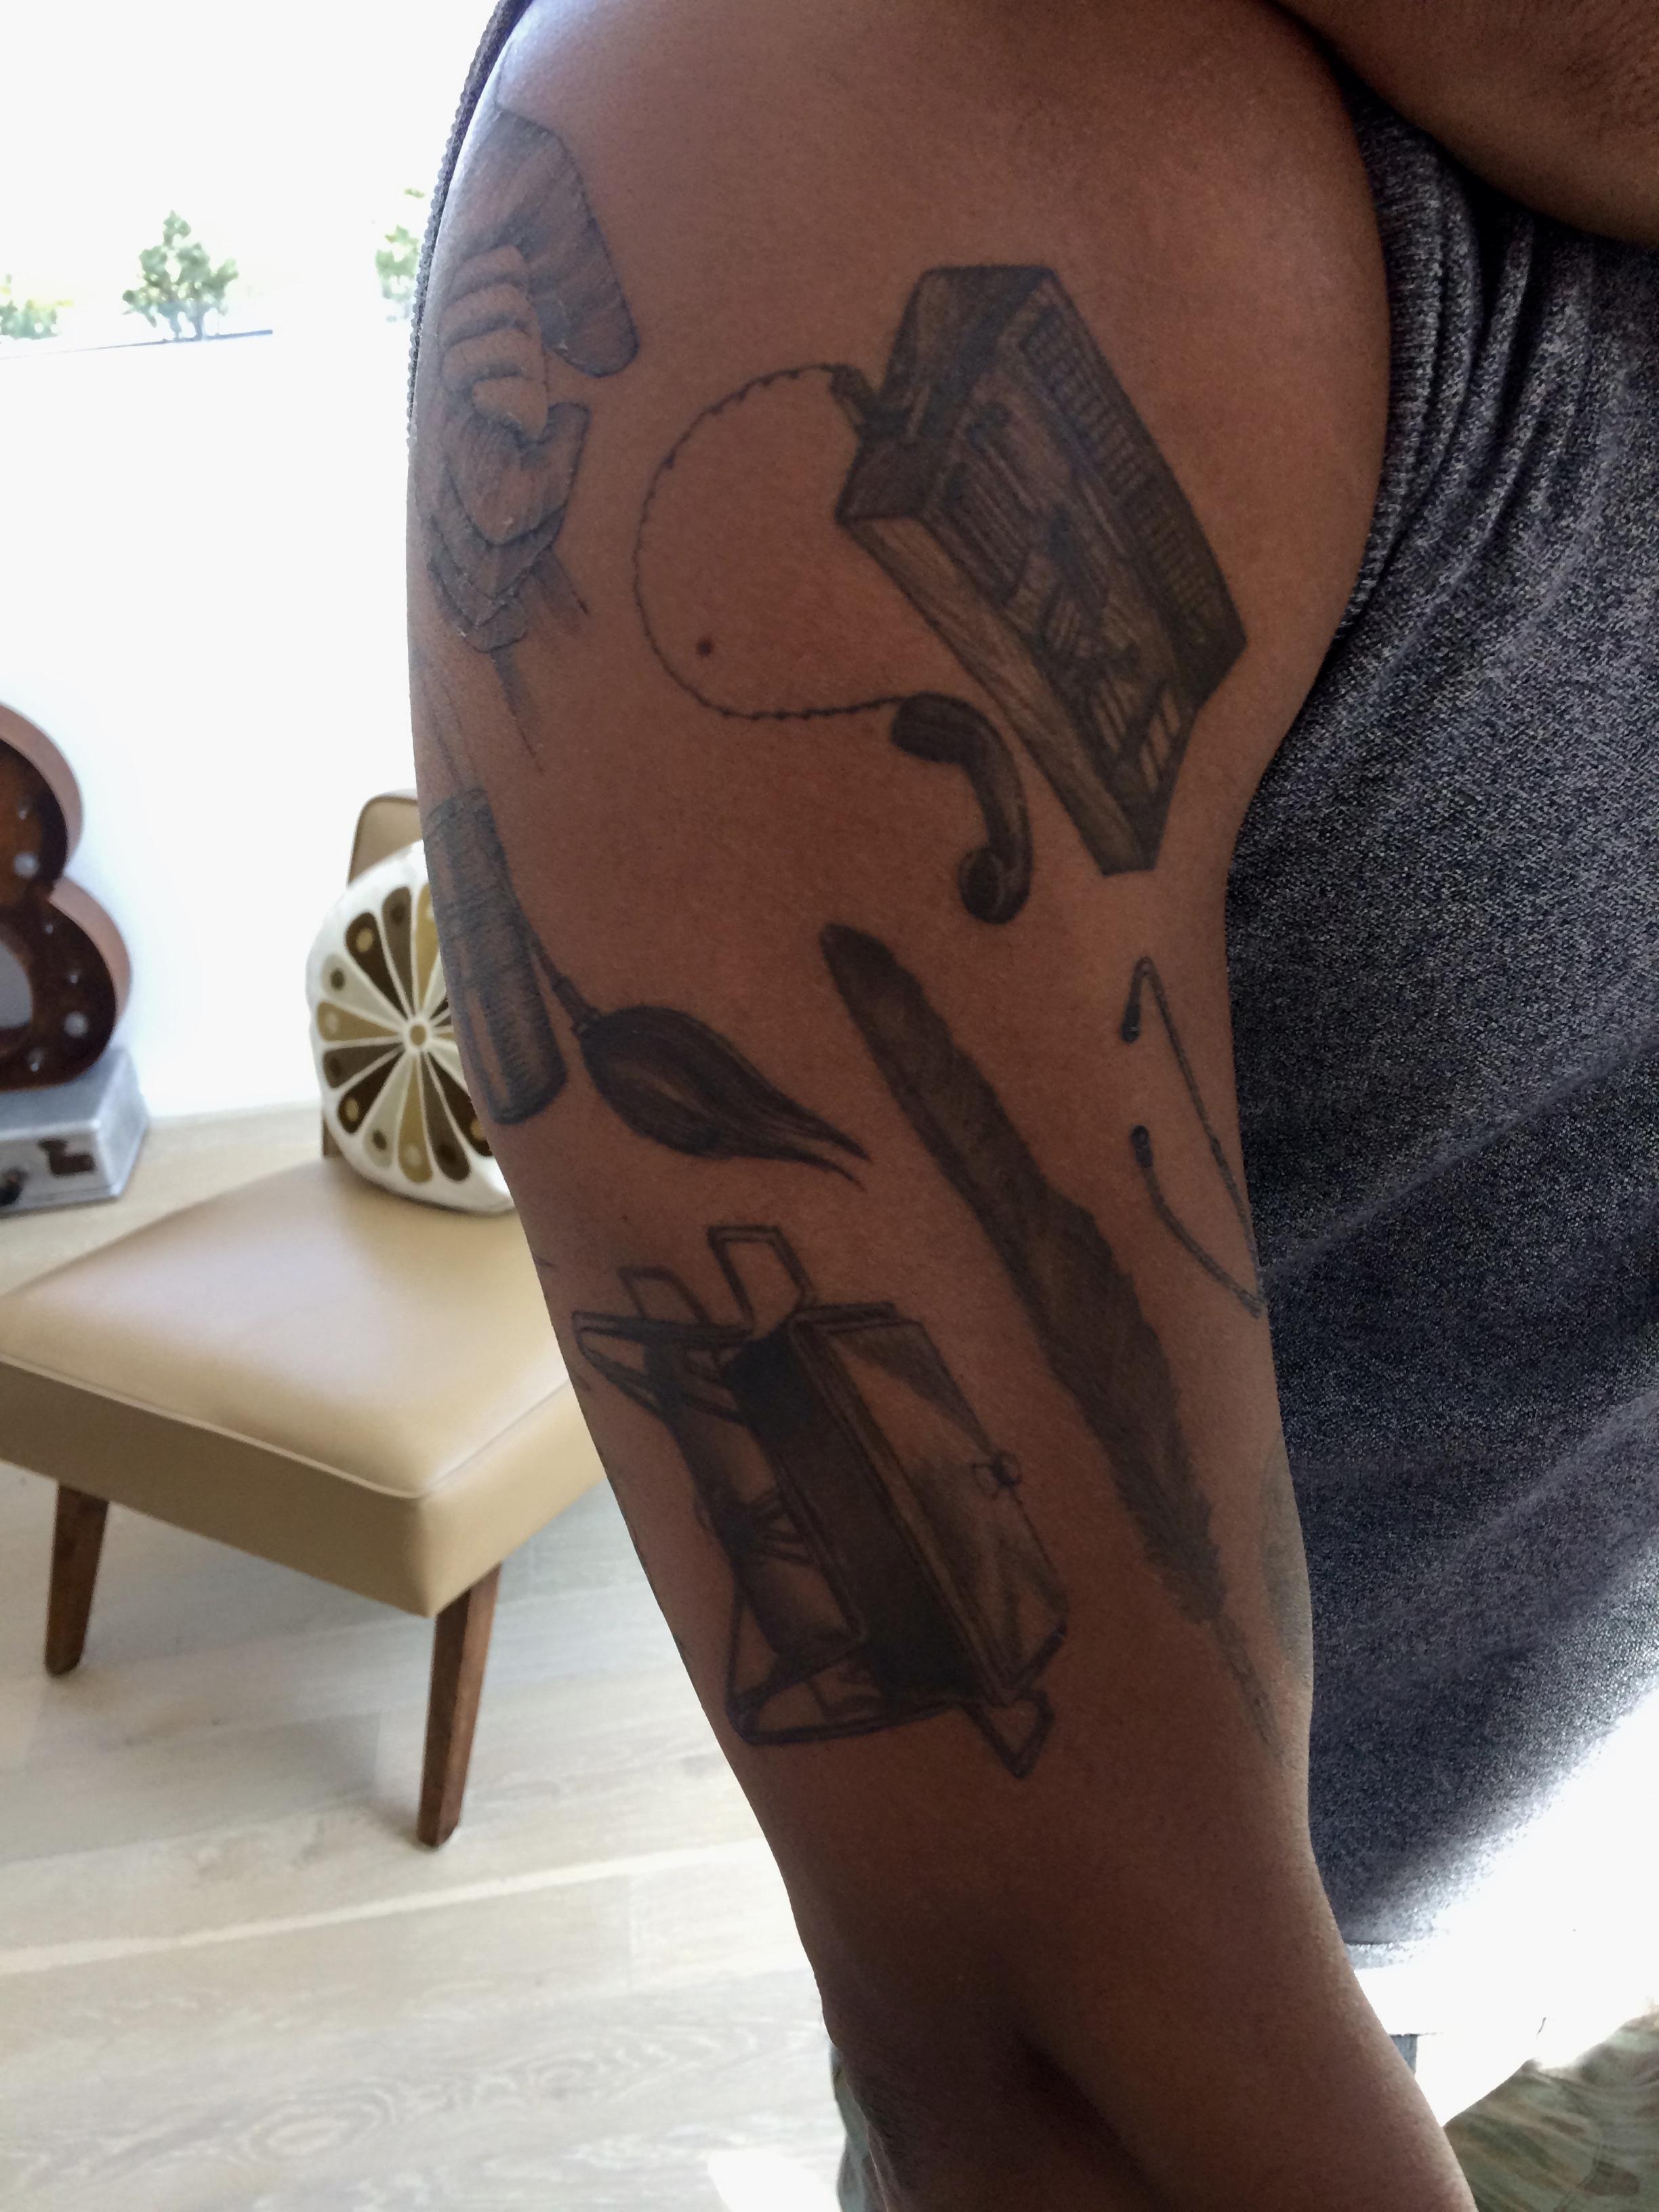 Chuck's new tattoos